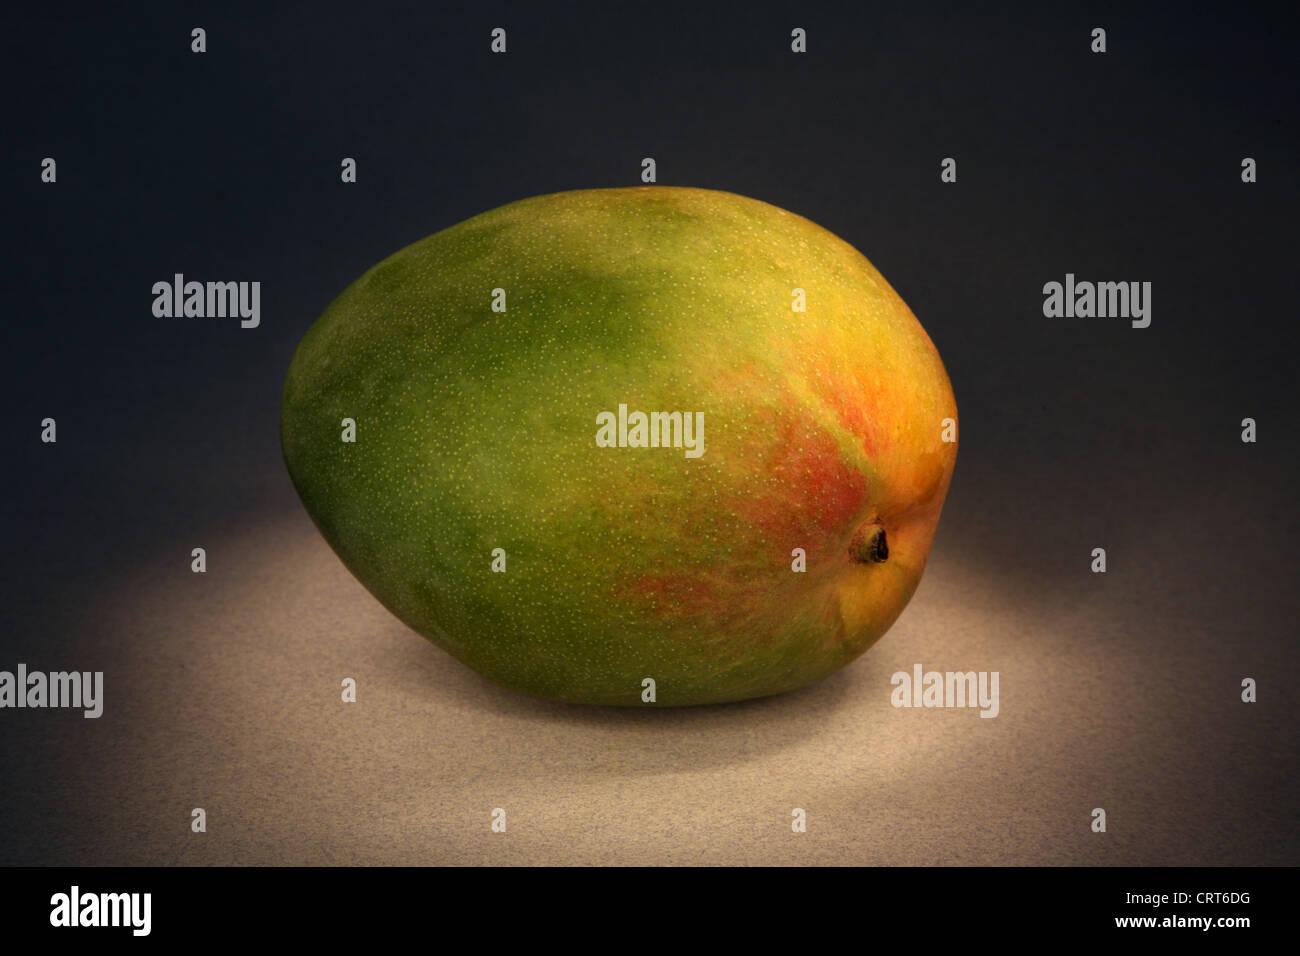 Mango. - Stock Image